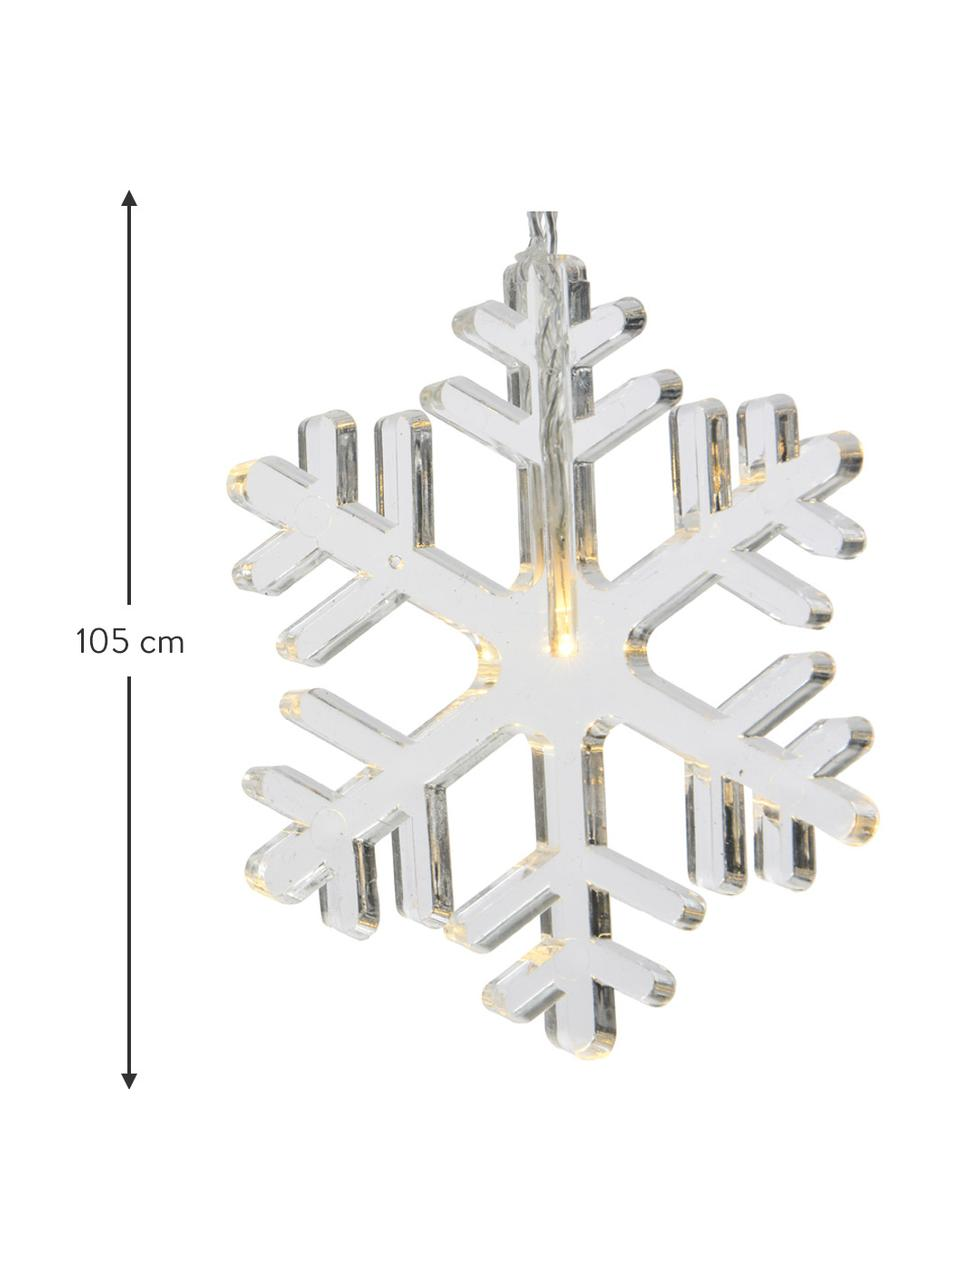 LED-Lichterkette Frost L 105 cm, Kunststoff, Transparent, L 105 cm